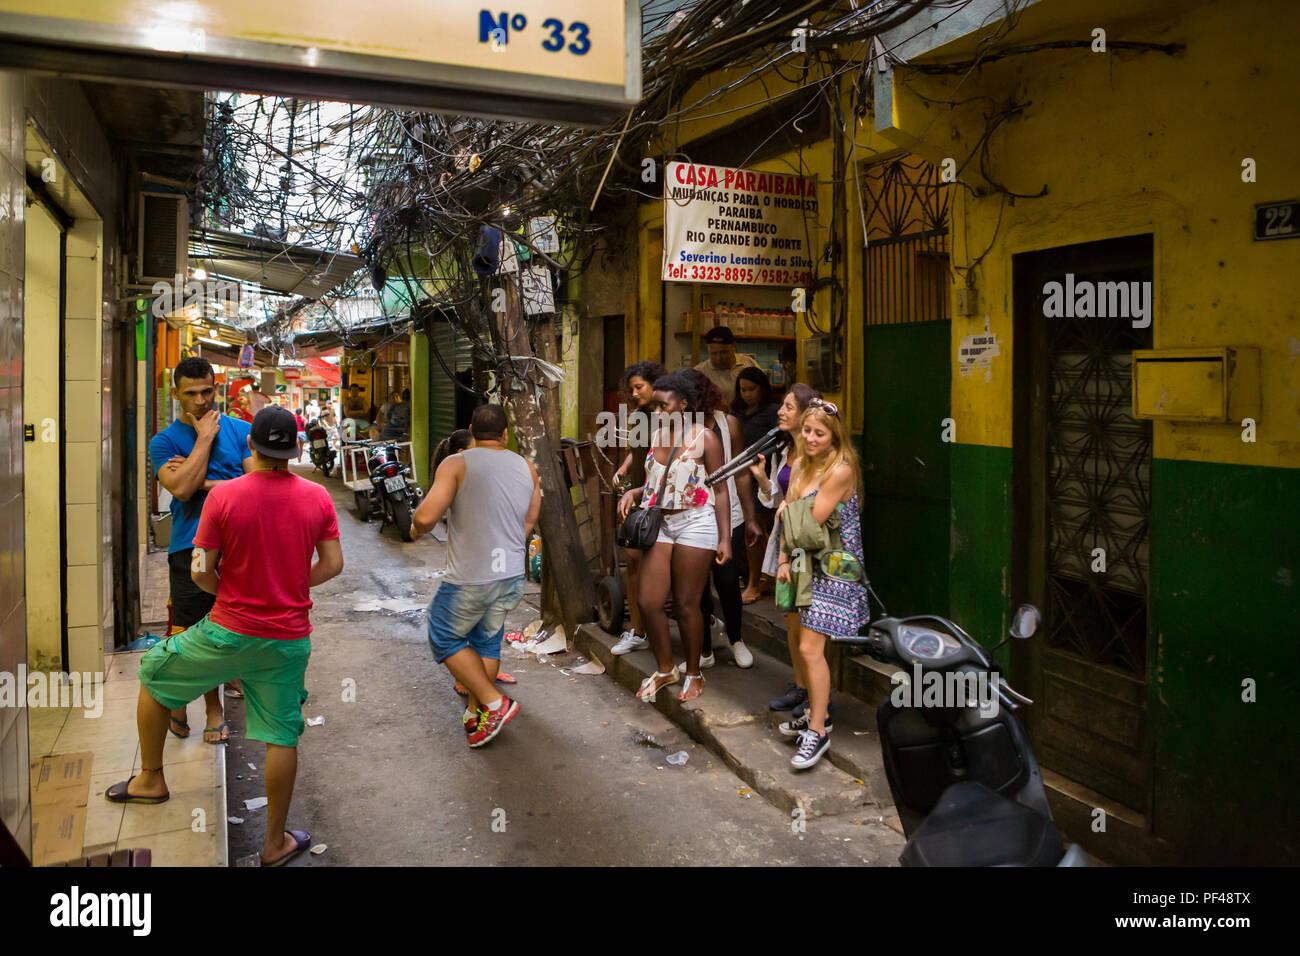 Rocinha Favela in Rio de Janeiro - Stock Image